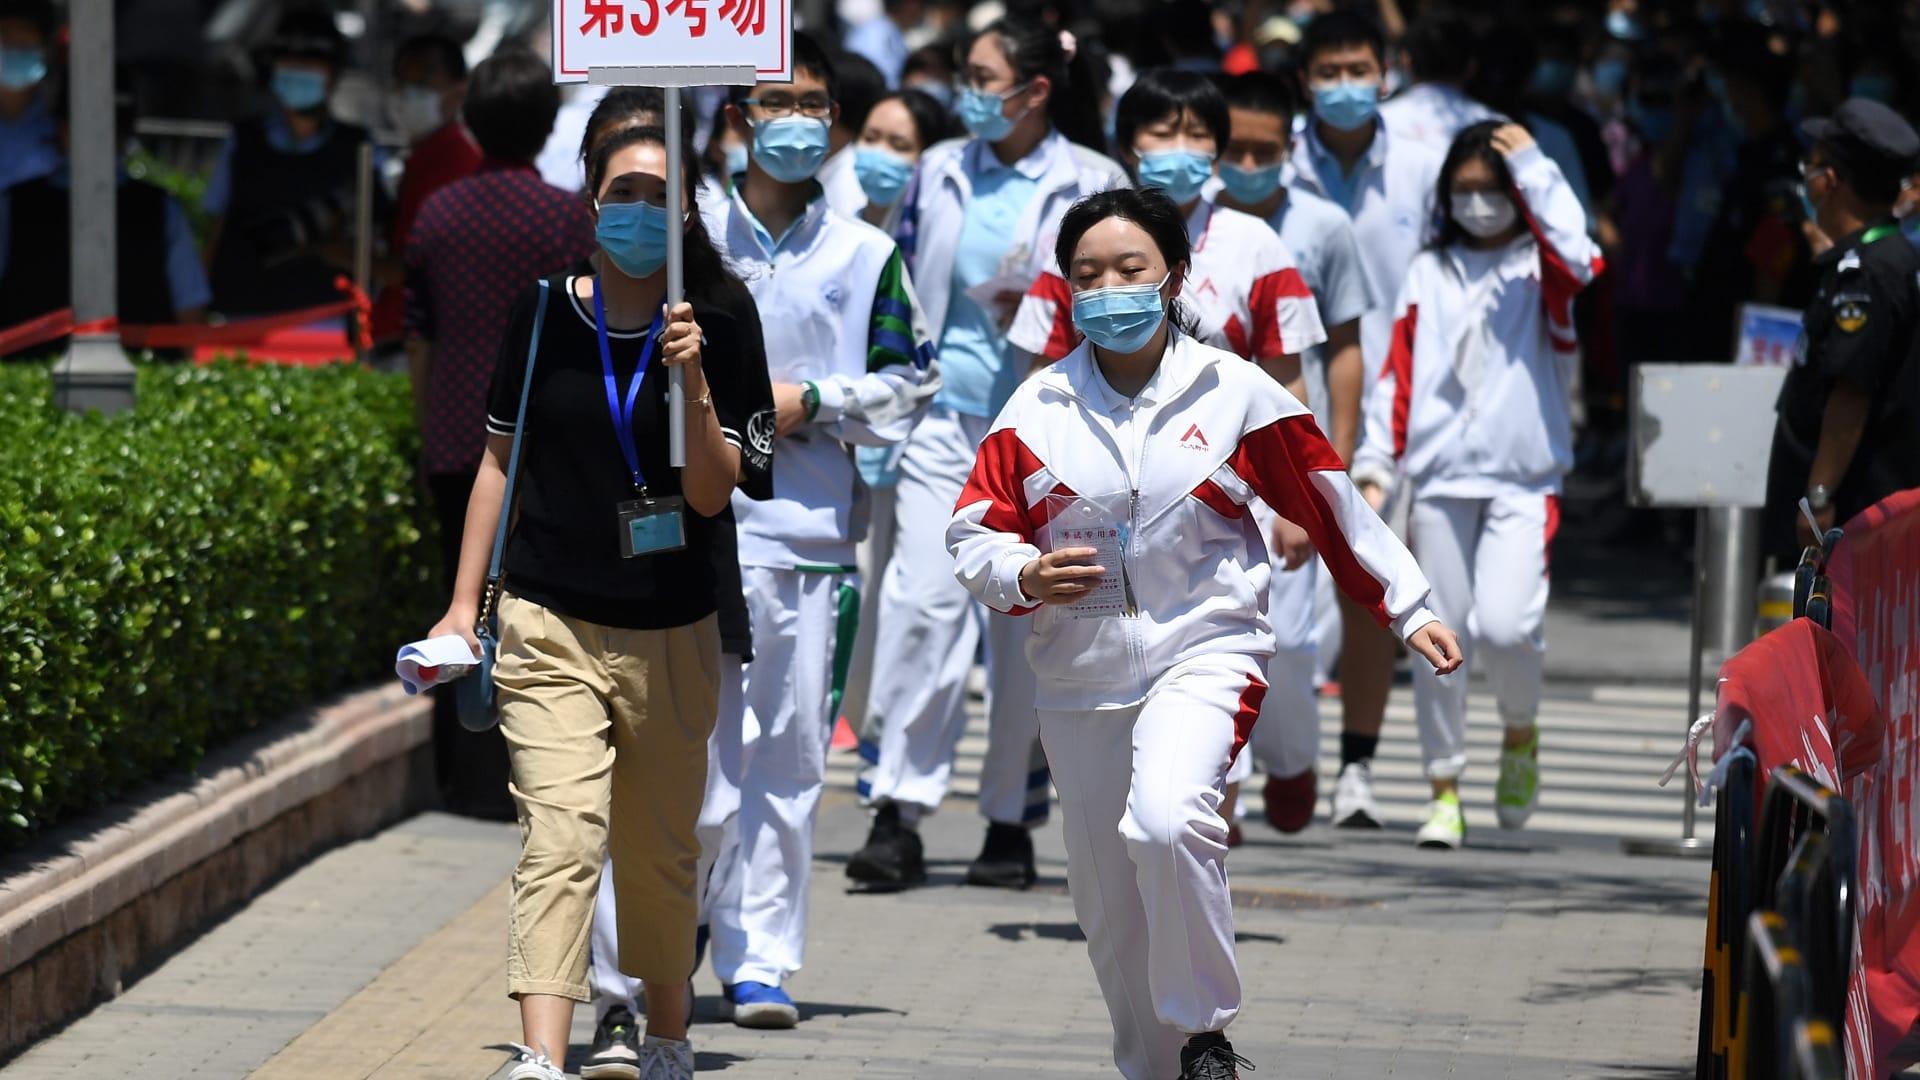 طلاب صينيون بعد إجرائهم فحوصات طبية للكشف عن الإصابة بفيروس كورونا في بكين